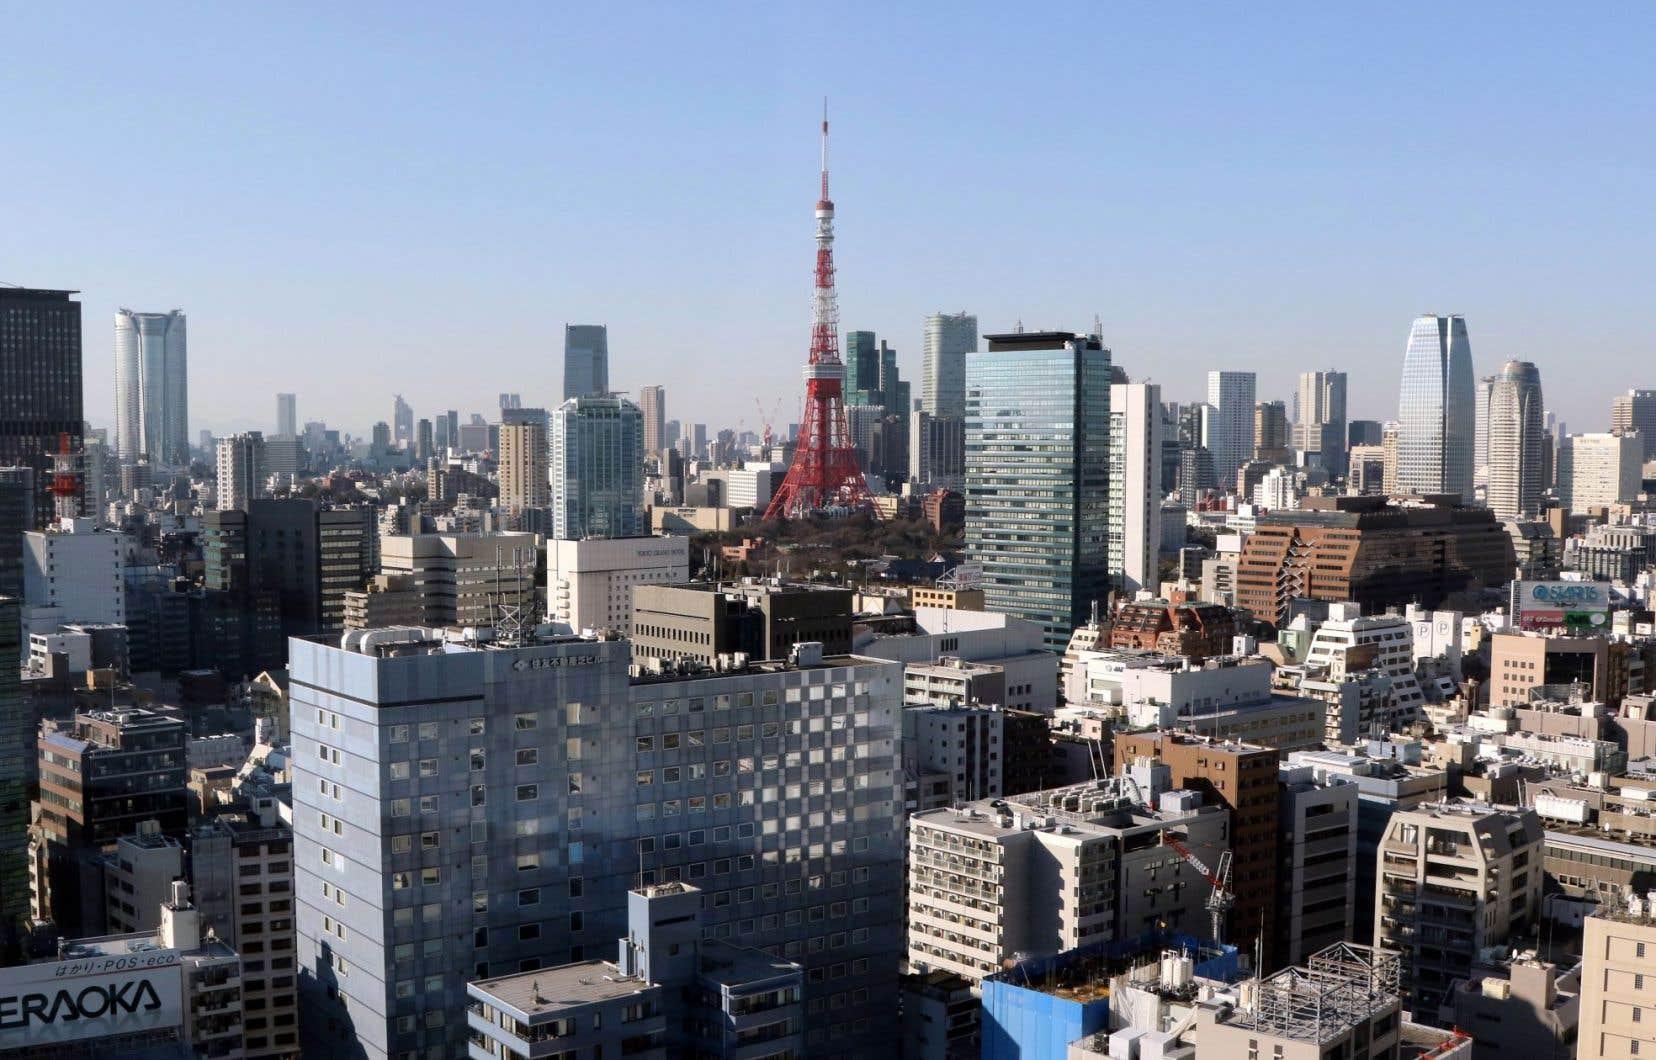 La liaison directe entre Montréal et Tokyo permettra aux dirigeants, aux chercheurs et même aux étudiants québécois d'entretenir des relations plus étroites avec leurs partenaires japonais.